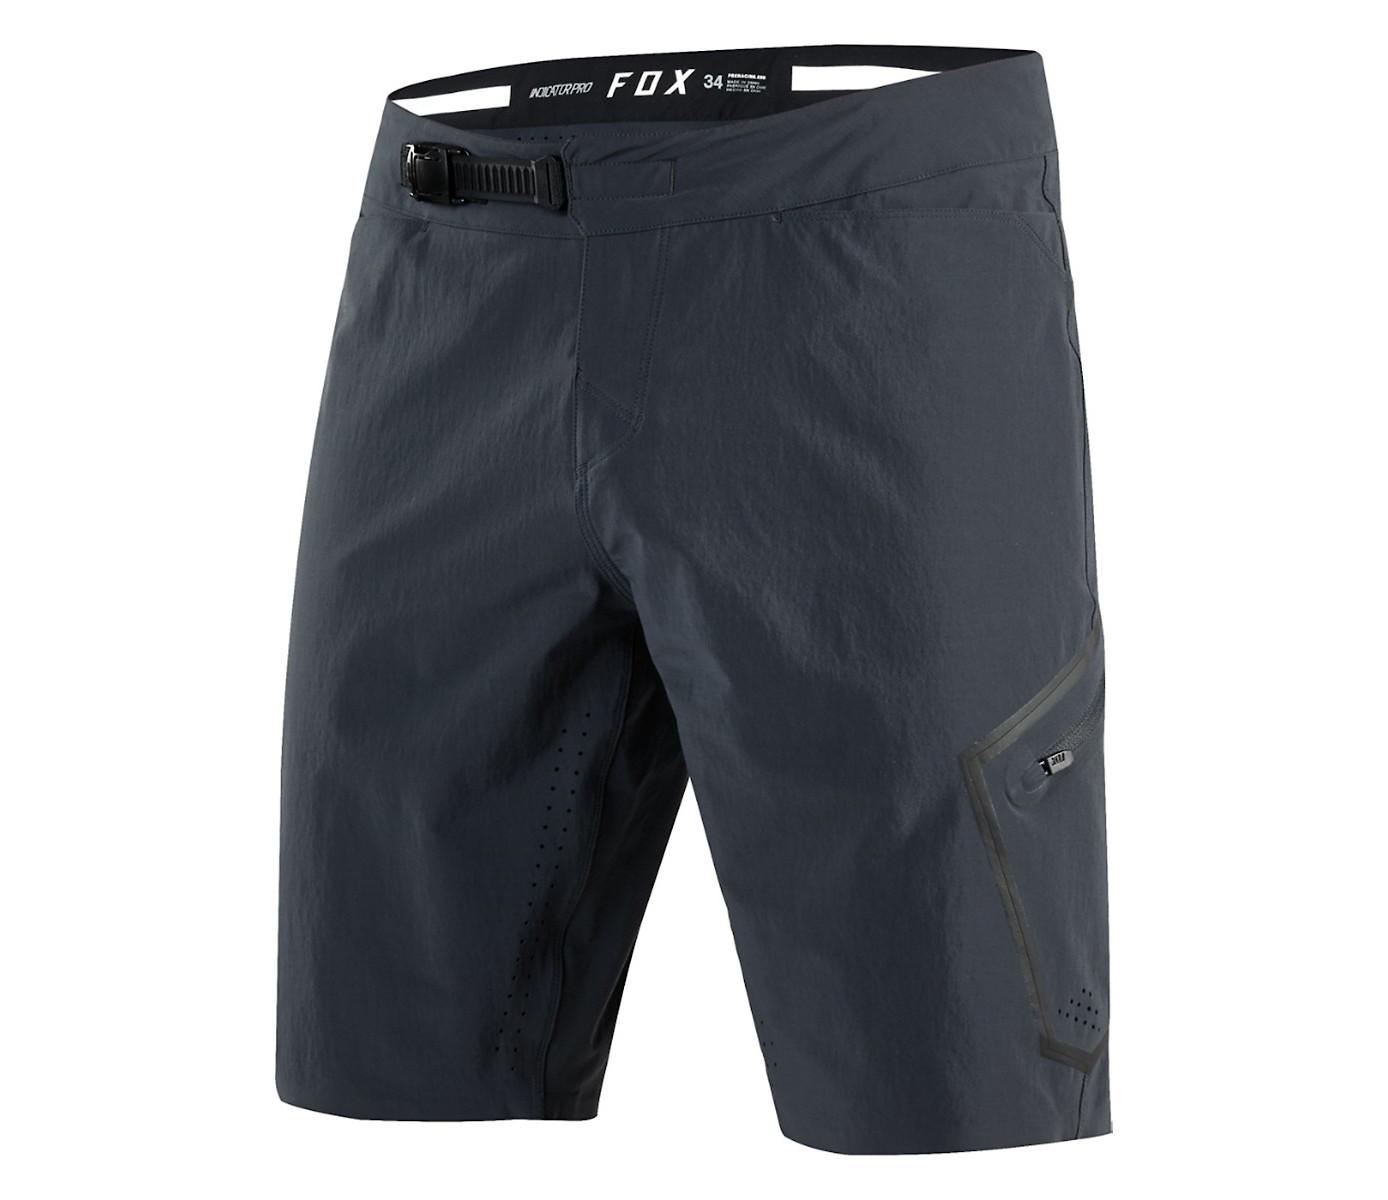 Fox Indicator Pro Shorts